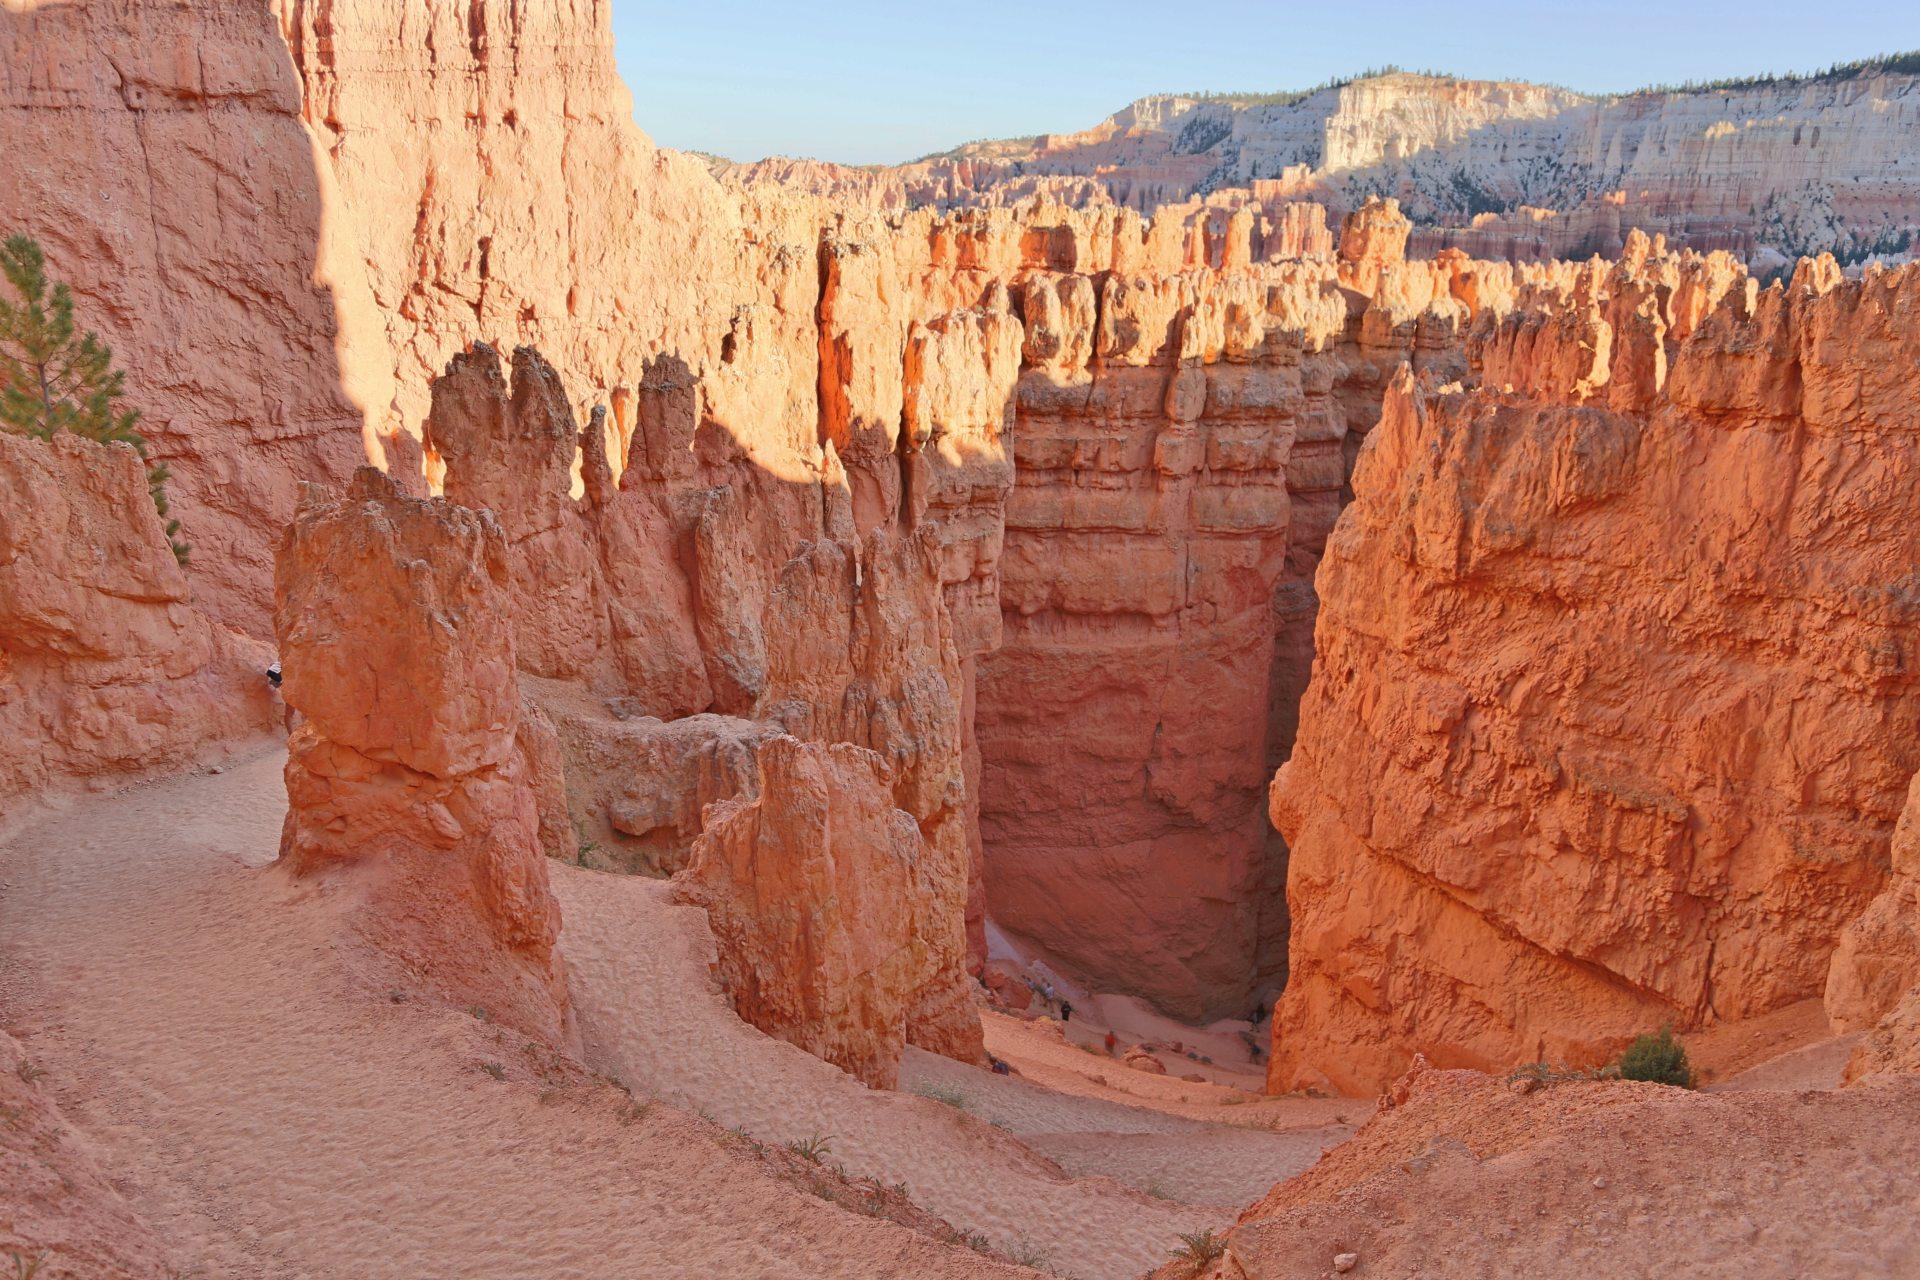 Mit schwindendem Licht leer sich auch der Canyon .. - Bryce Canyon National Park, Canyon, Erosion, farbenfroh, Felsnadeln, Felstürme, Felswände, Geologie, Gestein, Gesteinssäulen, Gesteinsschichten, Himmel, Hoodoos, Monolithen, Navajo Loop Trail, Pfad, Sandstein, Schlucht, Utah, Wanderweg, Weg - (Bryce Canyon, Bryce, Utah, Vereinigte Staaten)